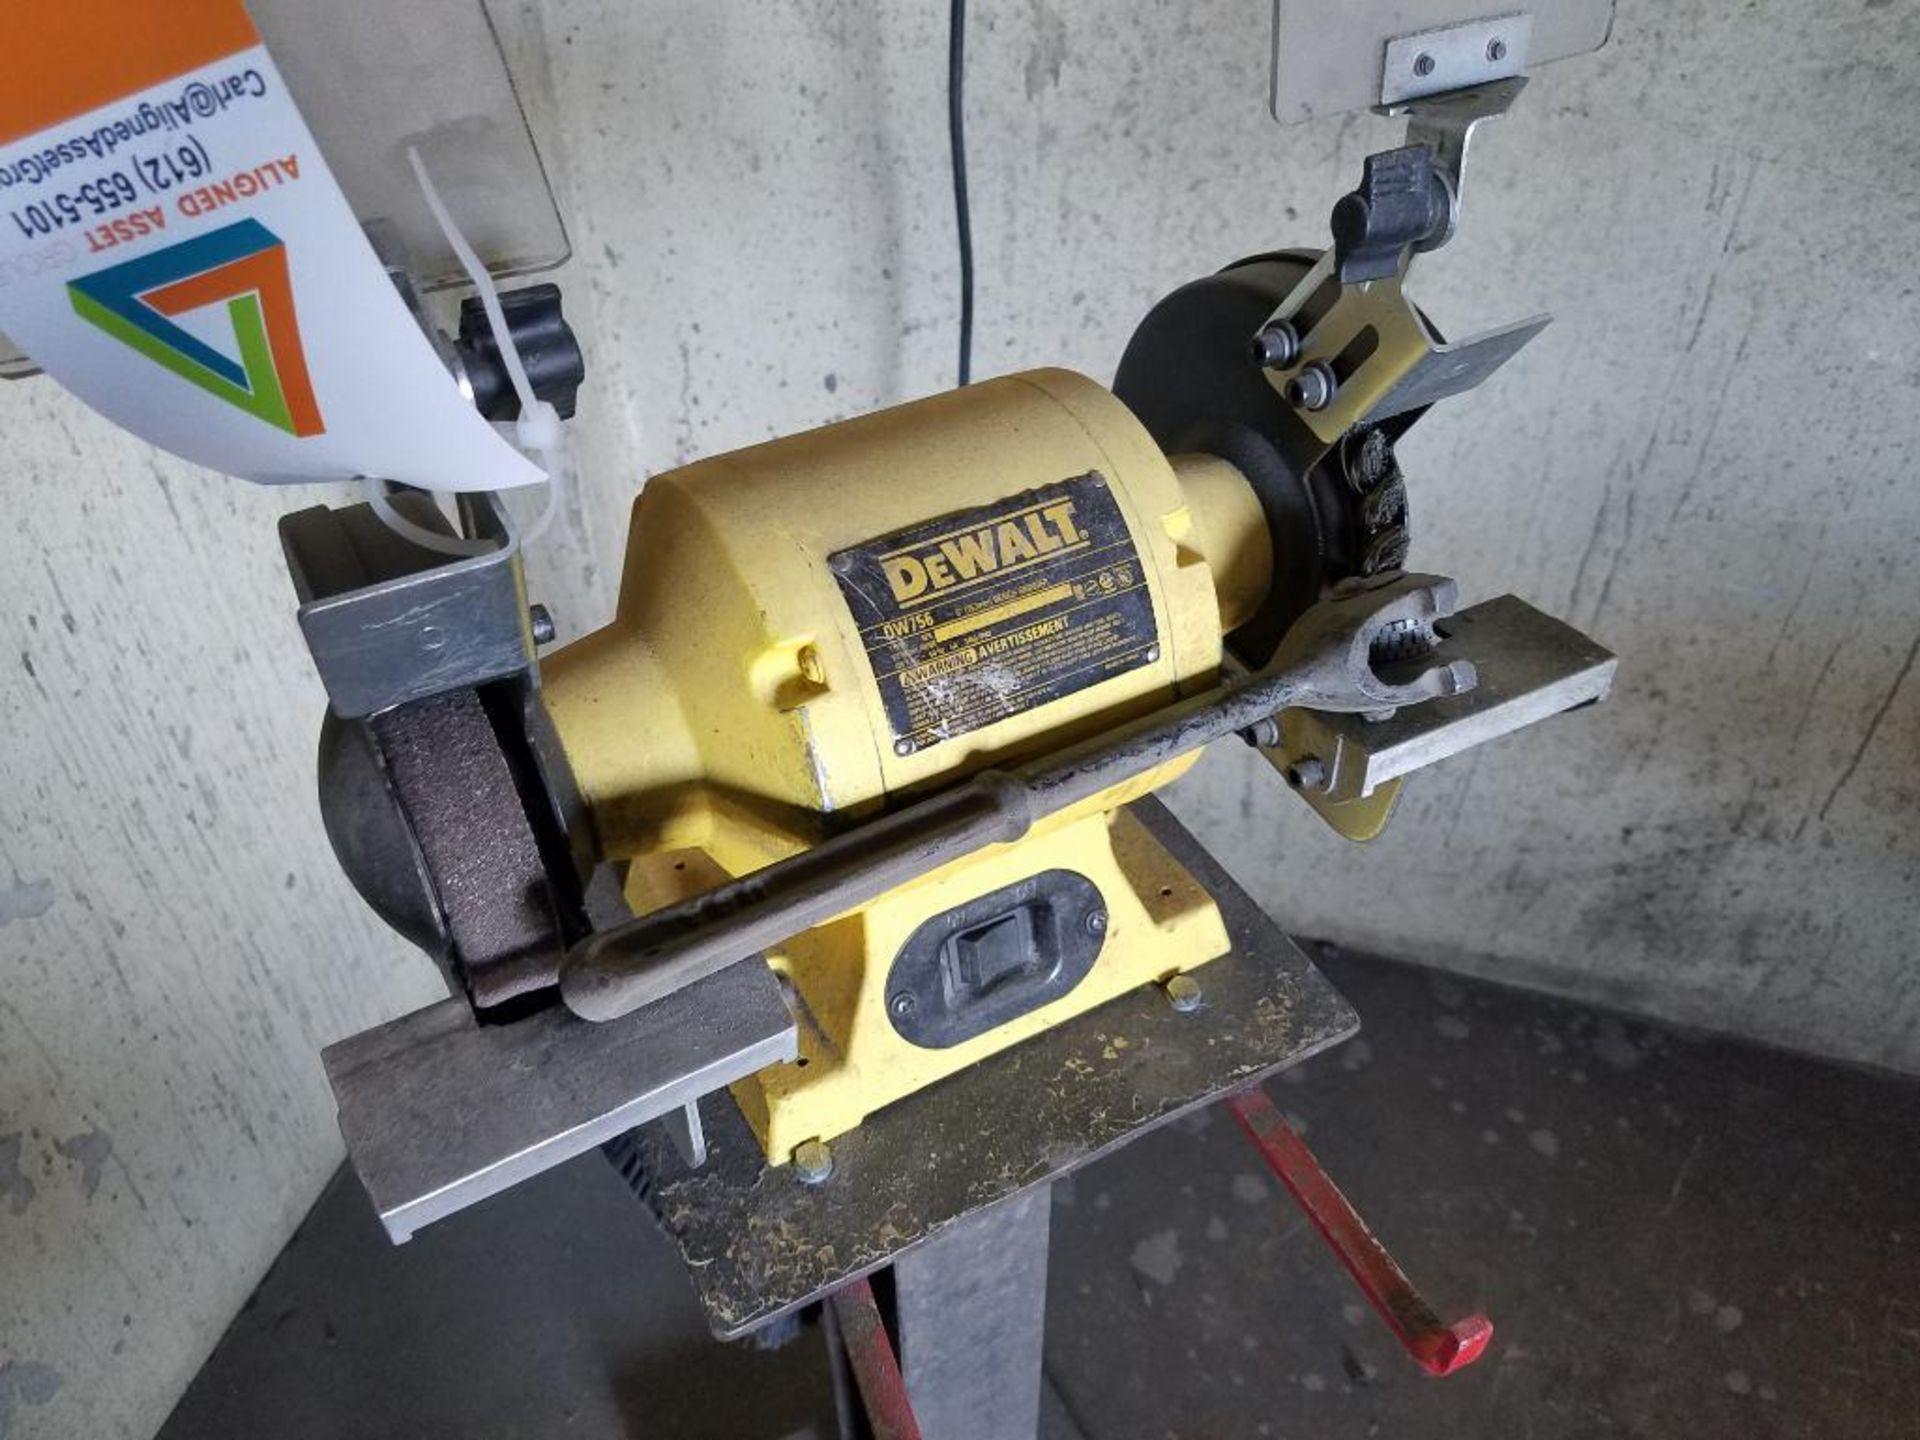 DeWalt double arbor pedestal grinder - Image 2 of 3